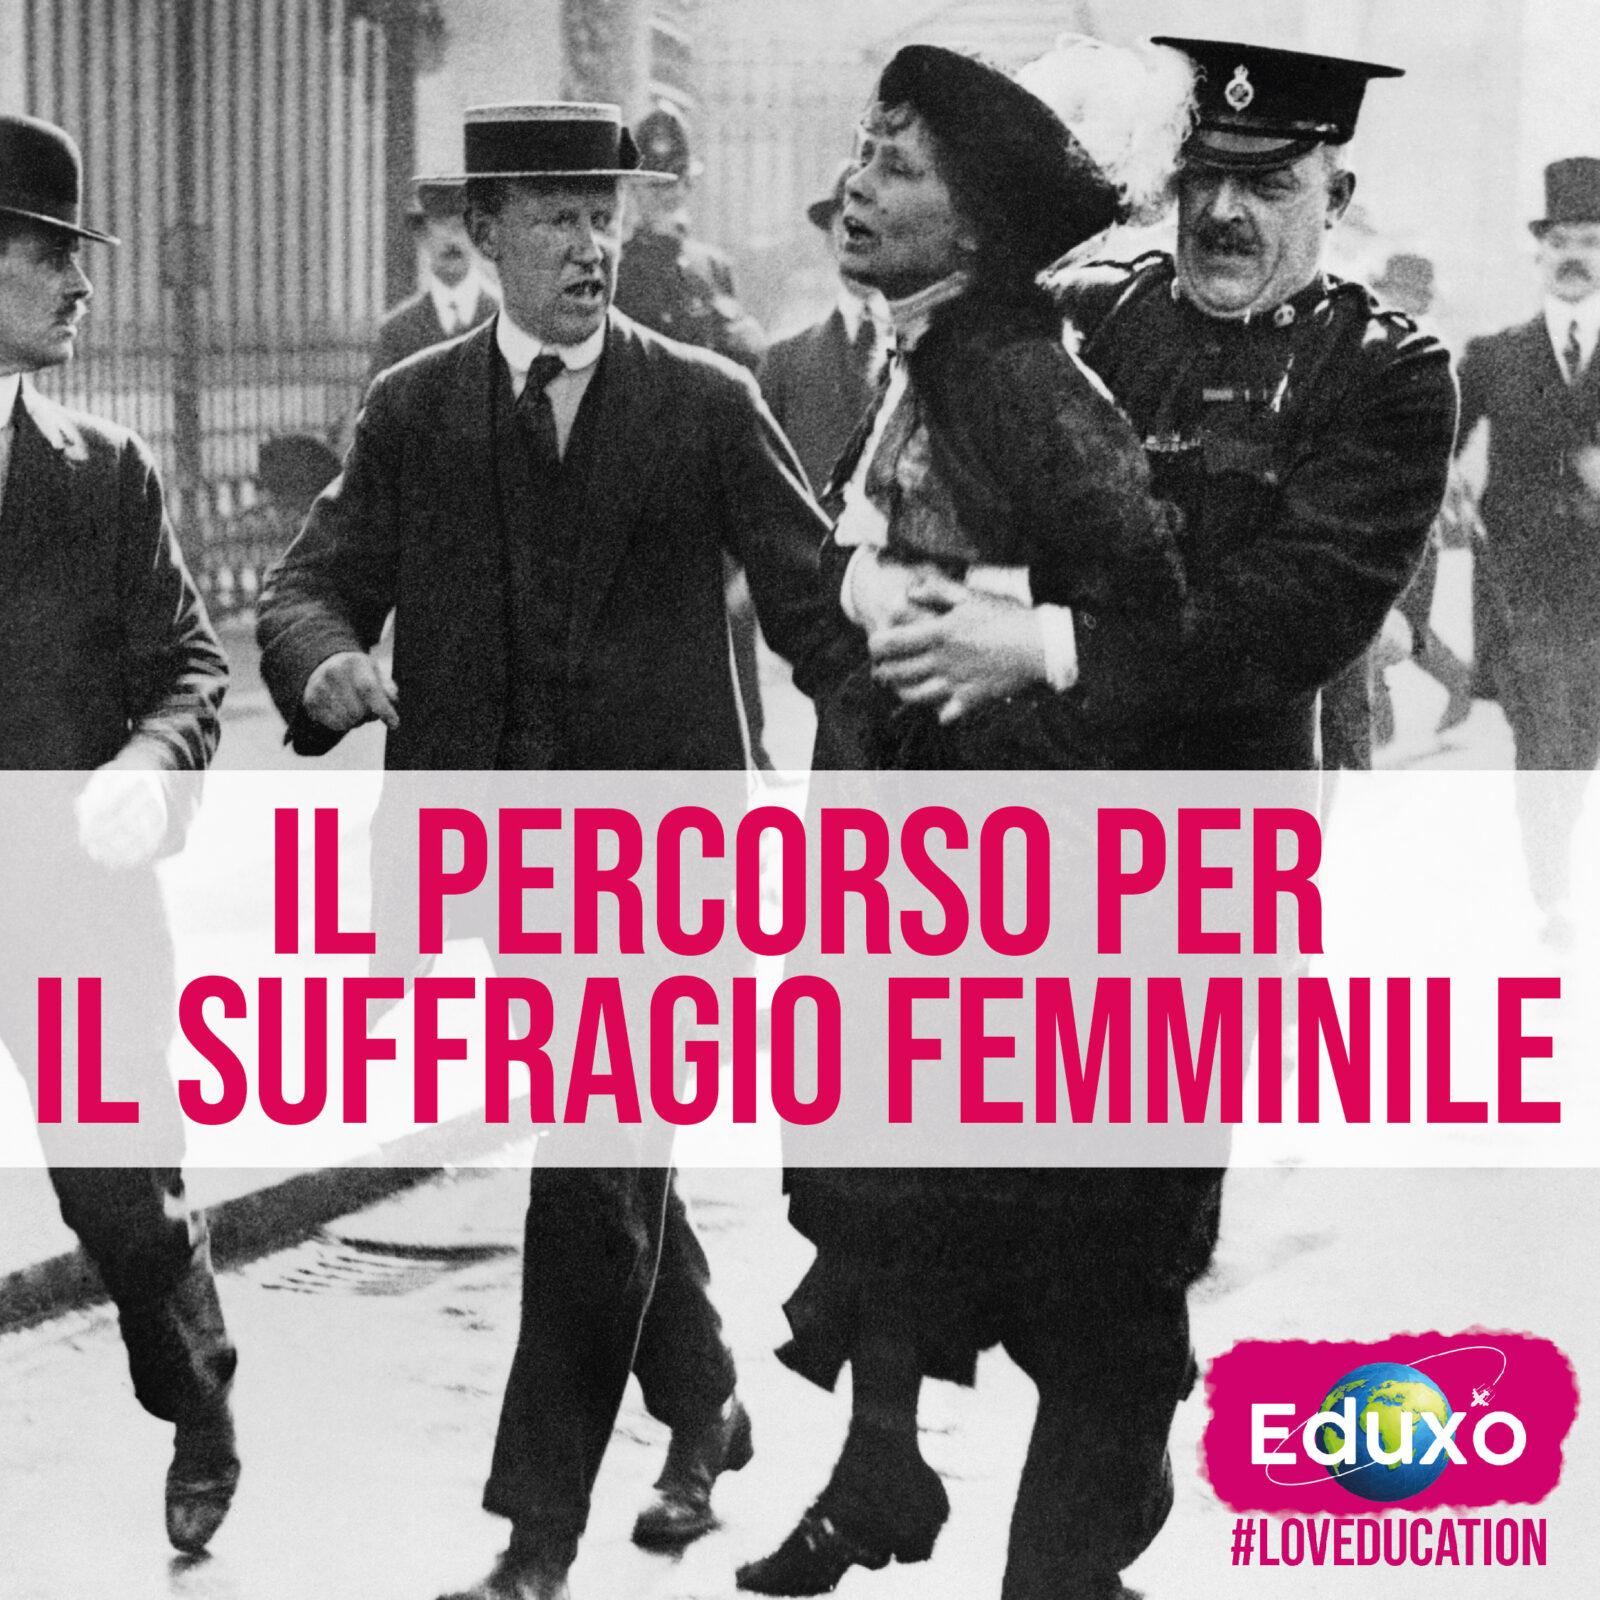 You are currently viewing Il percorso per il suffragio femminile